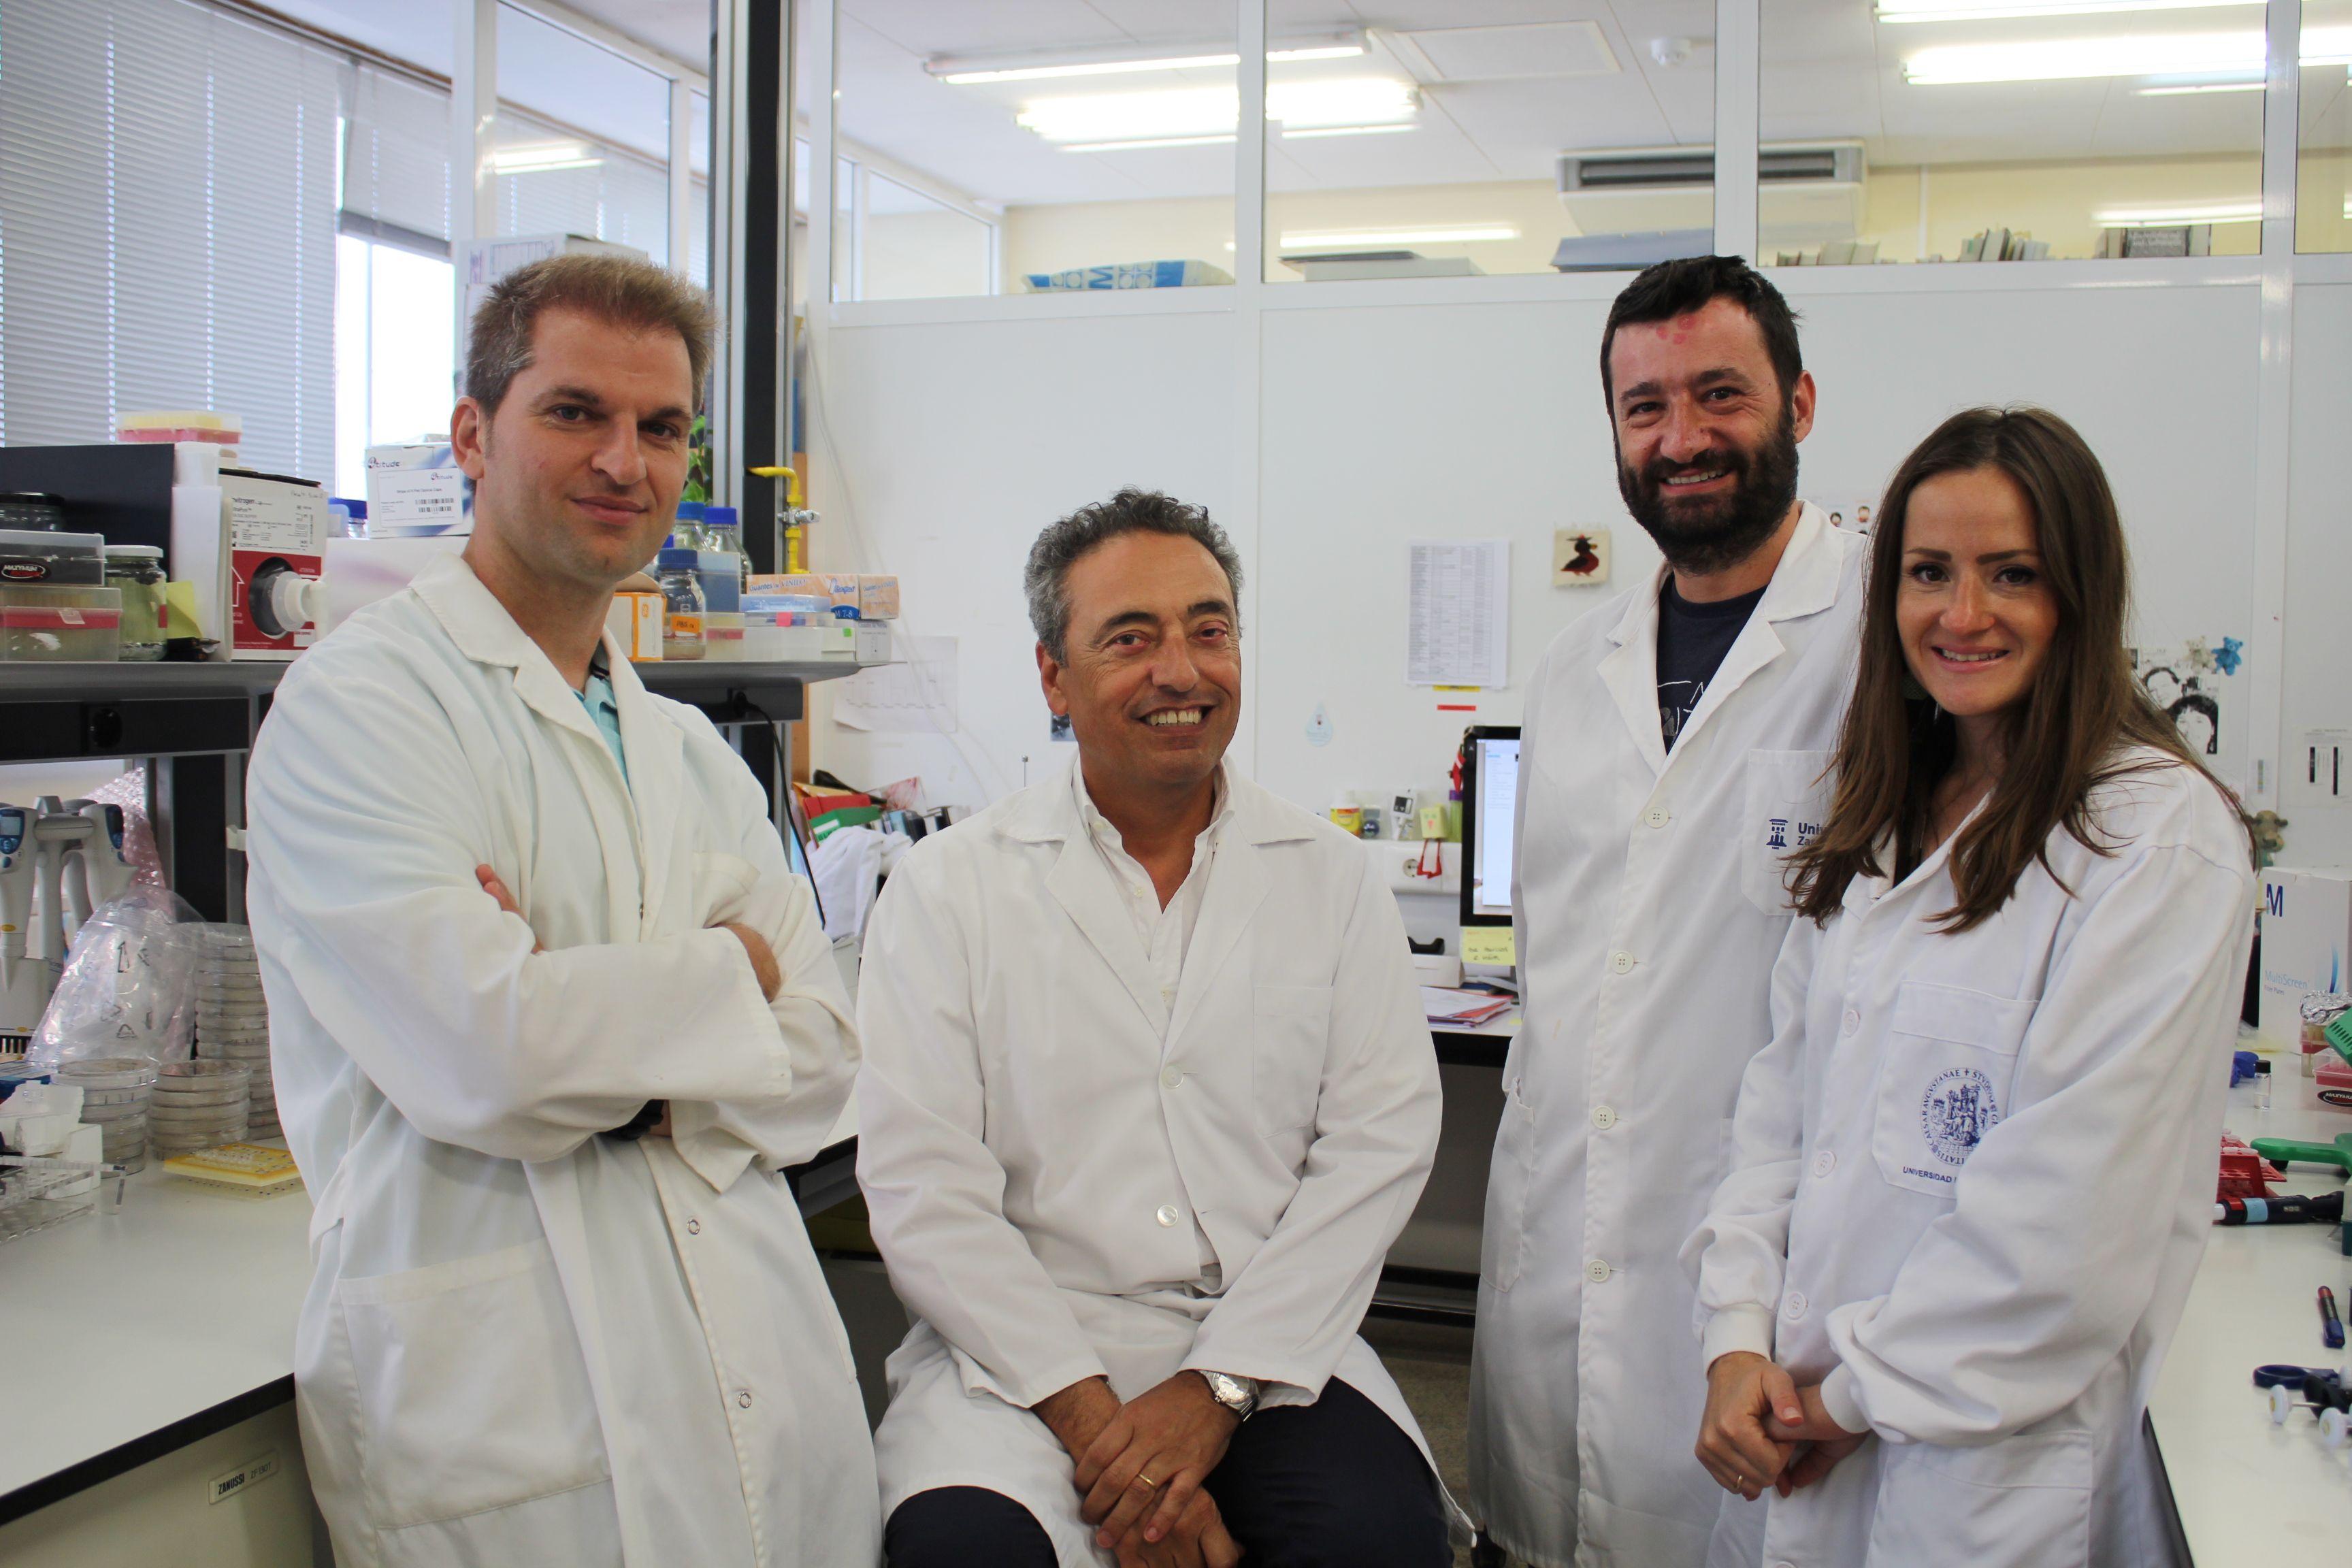 De izda a dcha: Jesús Gonzalo-Asensio, Carlos Martín, Ignacio Aguiló, y Dessislava Vaneva Marinova, parte del equipo que desarrolla la vacuna MTBVAC.